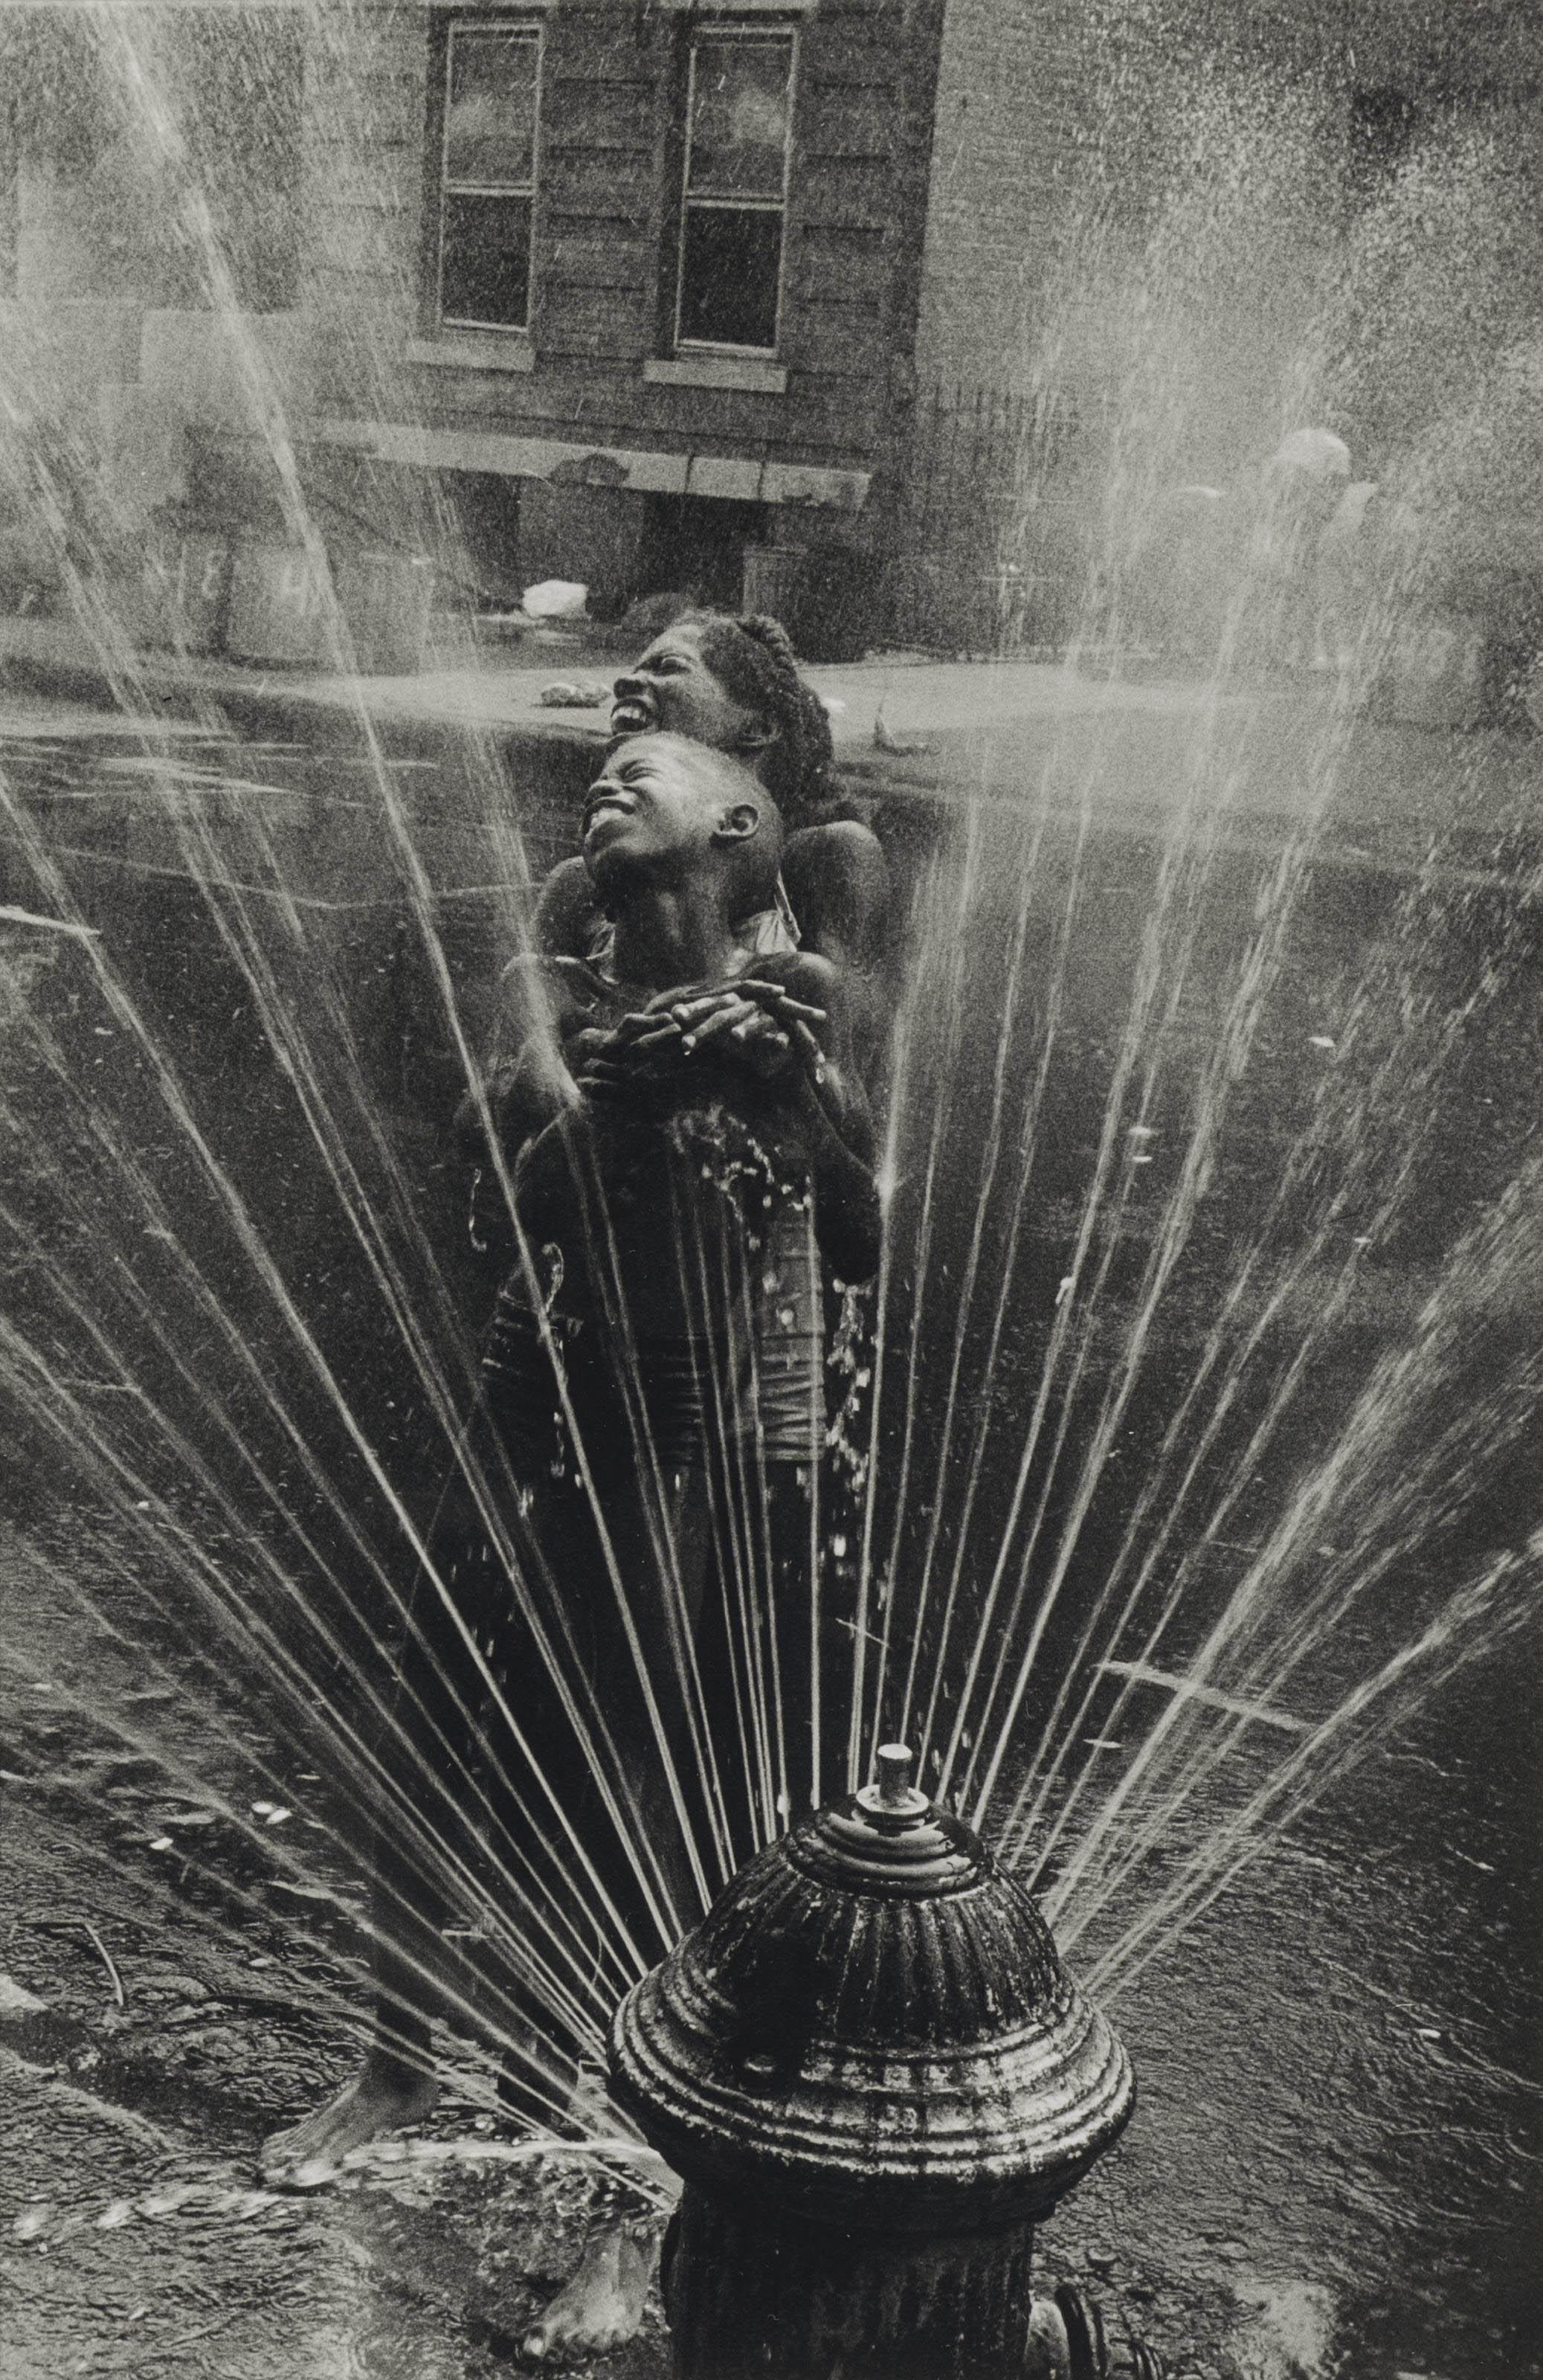 Harlem, 1969